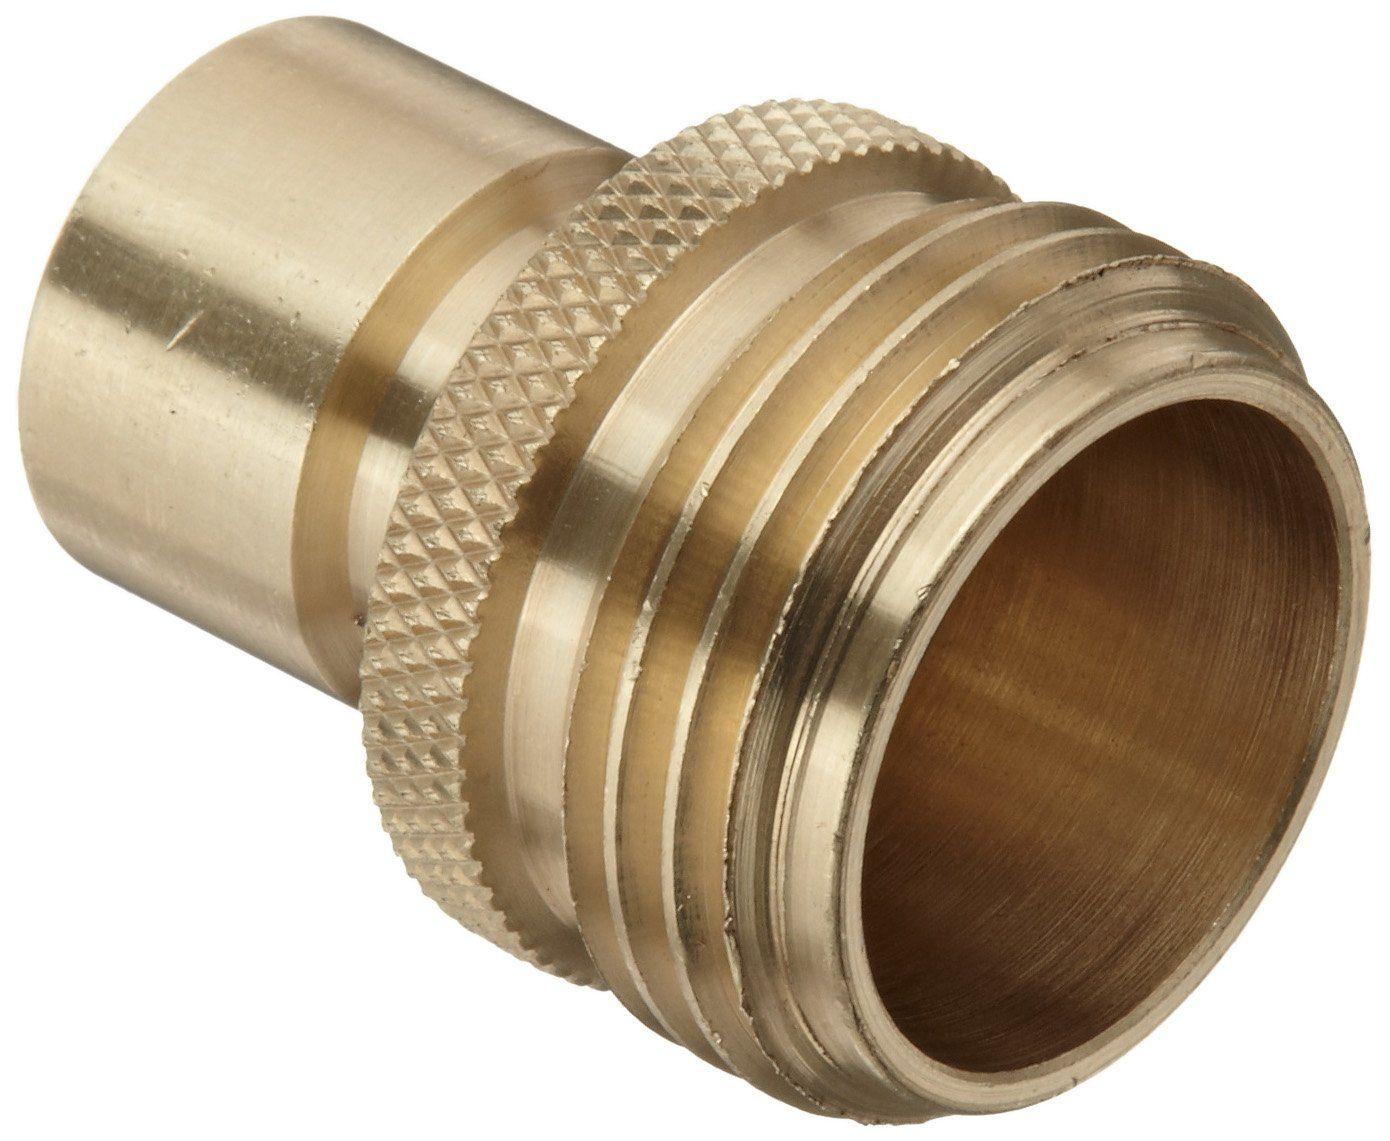 $5.8 - Orbit 5-Port Garden Hose Splitter Faucet Manifold & Water ...